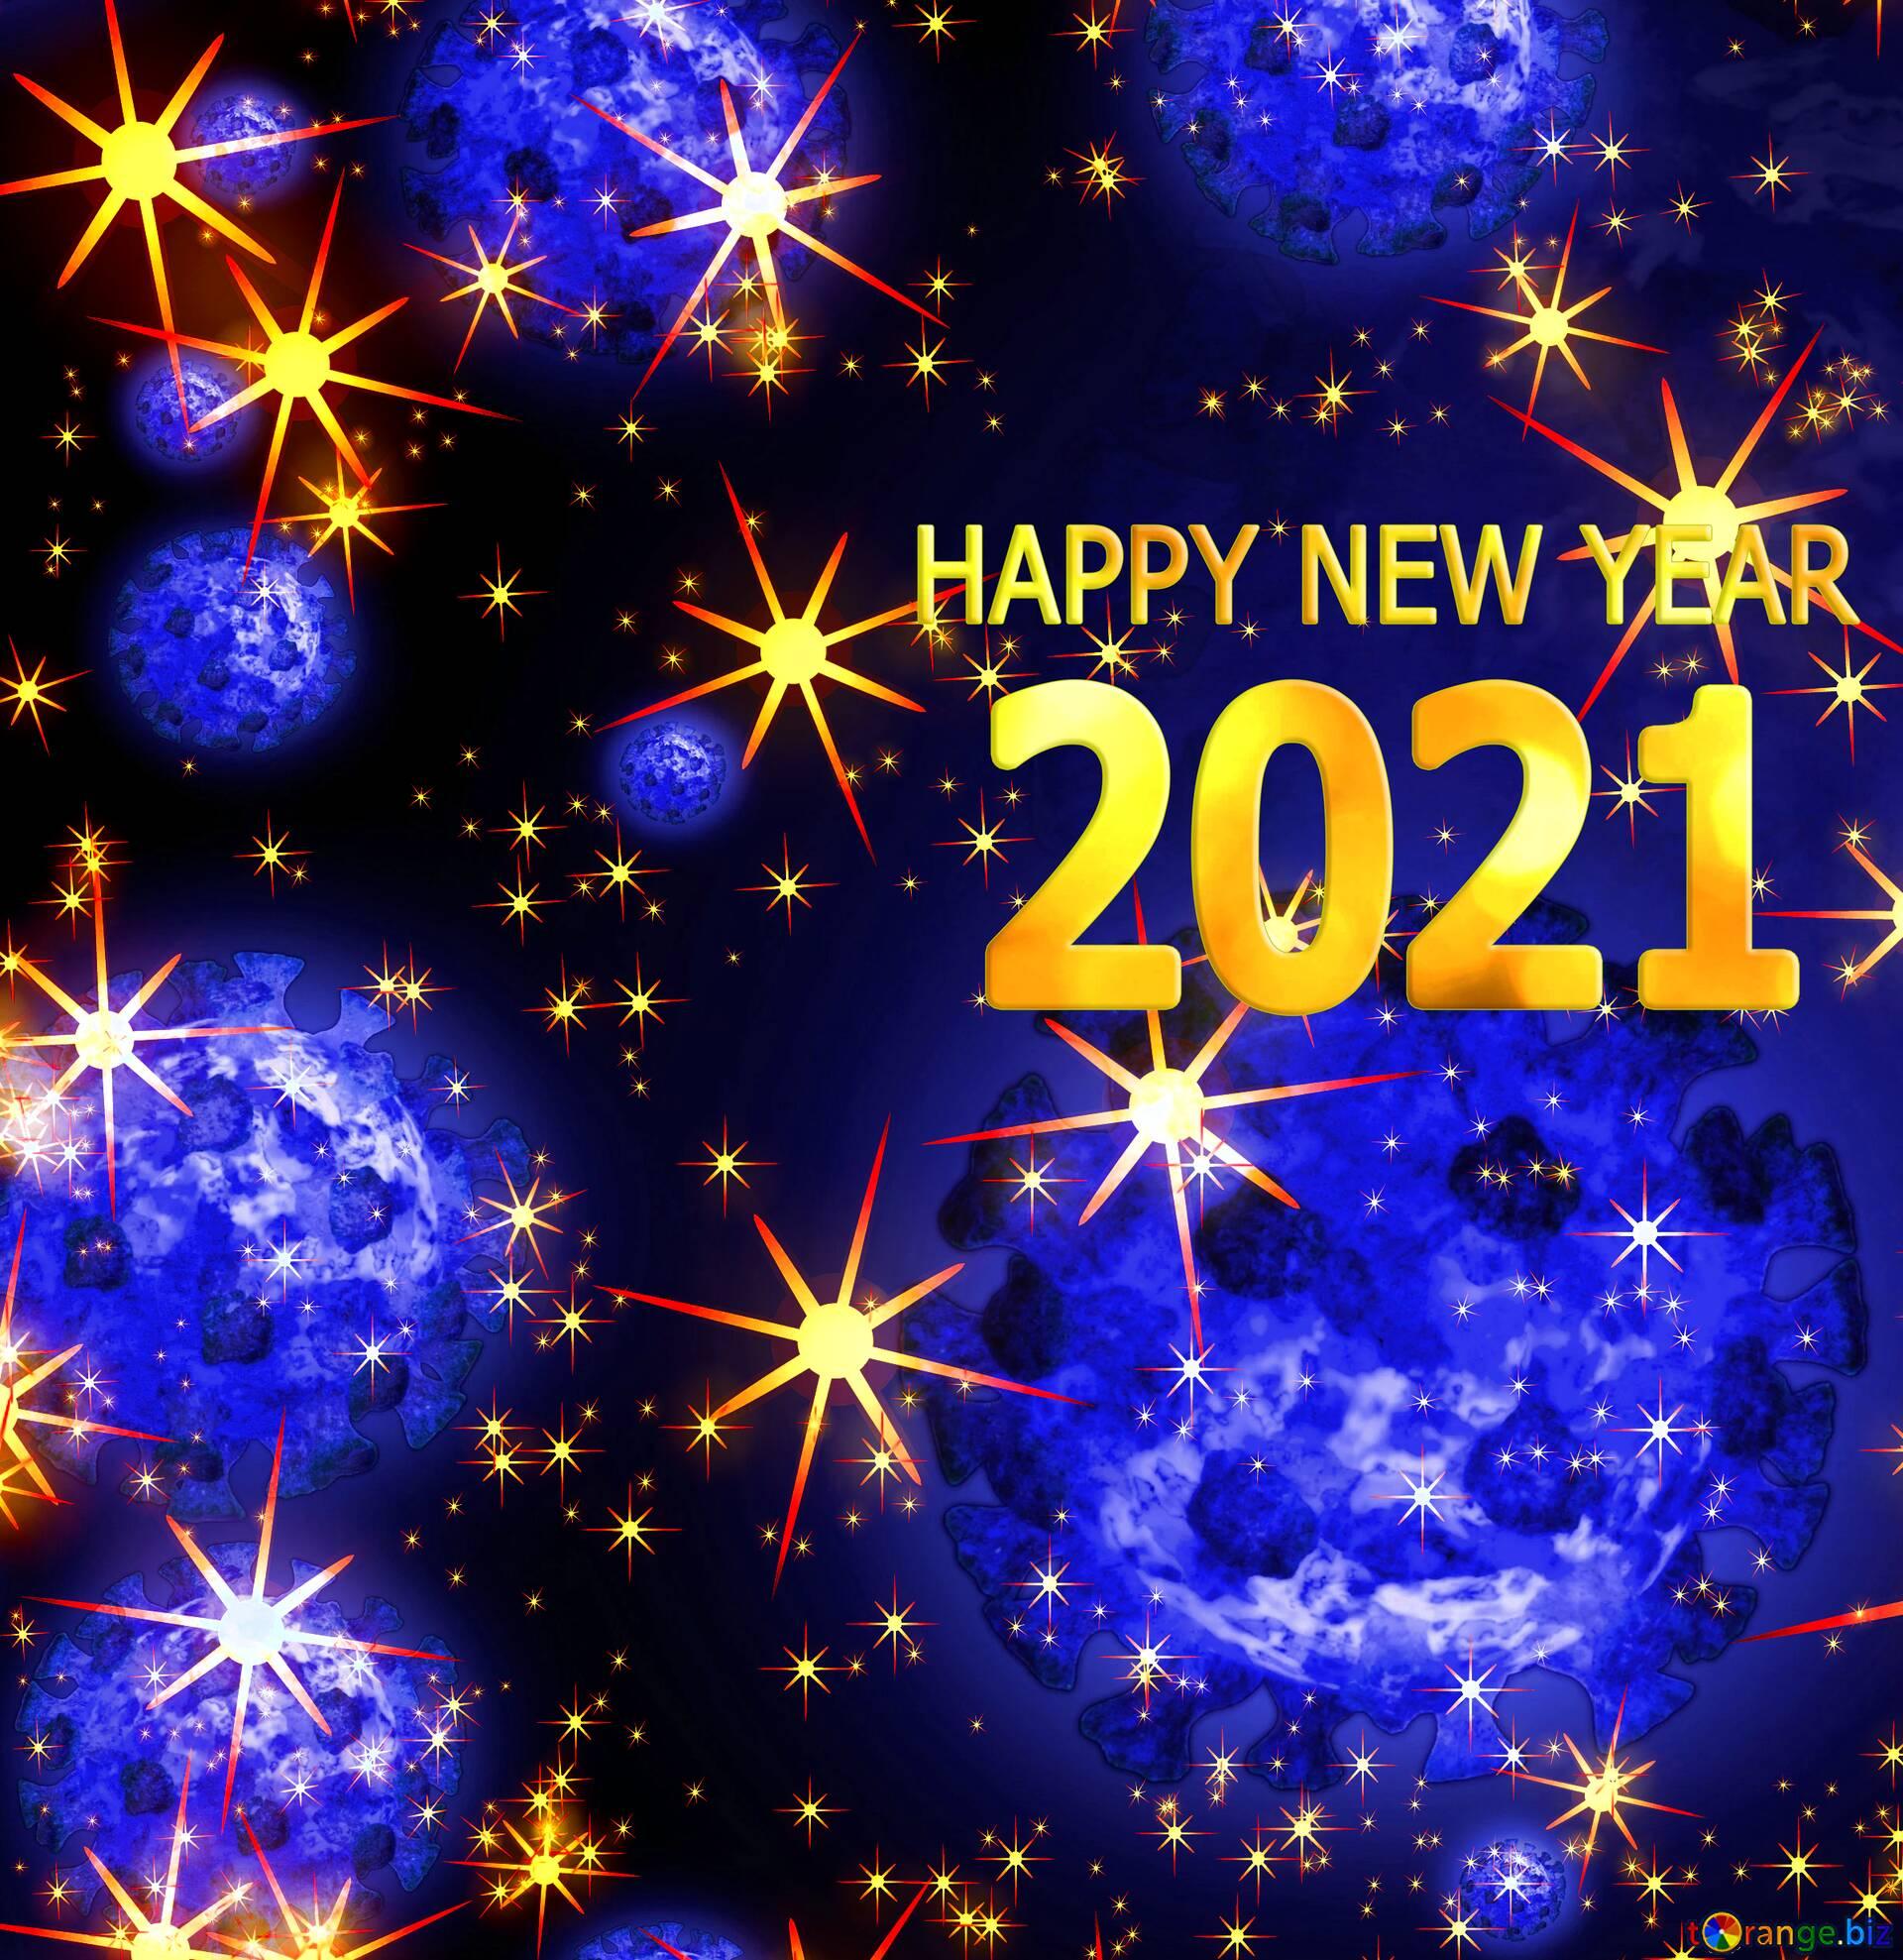 Завантажити безкоштовно світлину Covid 19 Happy New Year 2021 background  використовувати з вказаннням авторства ~ Безкоштовний фотобанк tOrange.biz  ~ ефект №221395